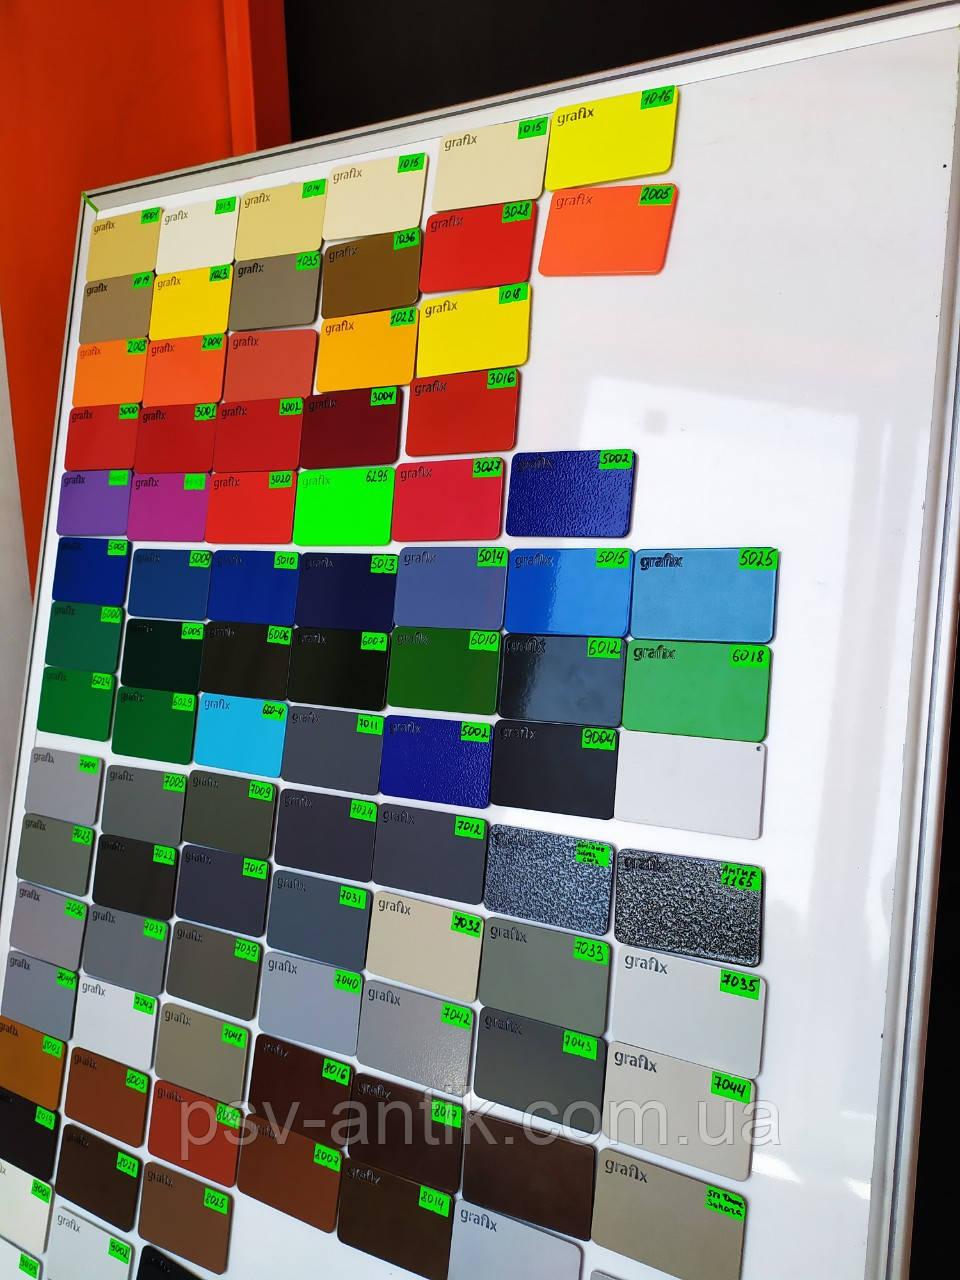 Порошковая краска структурная, полиэфирная, архитектурная, 810